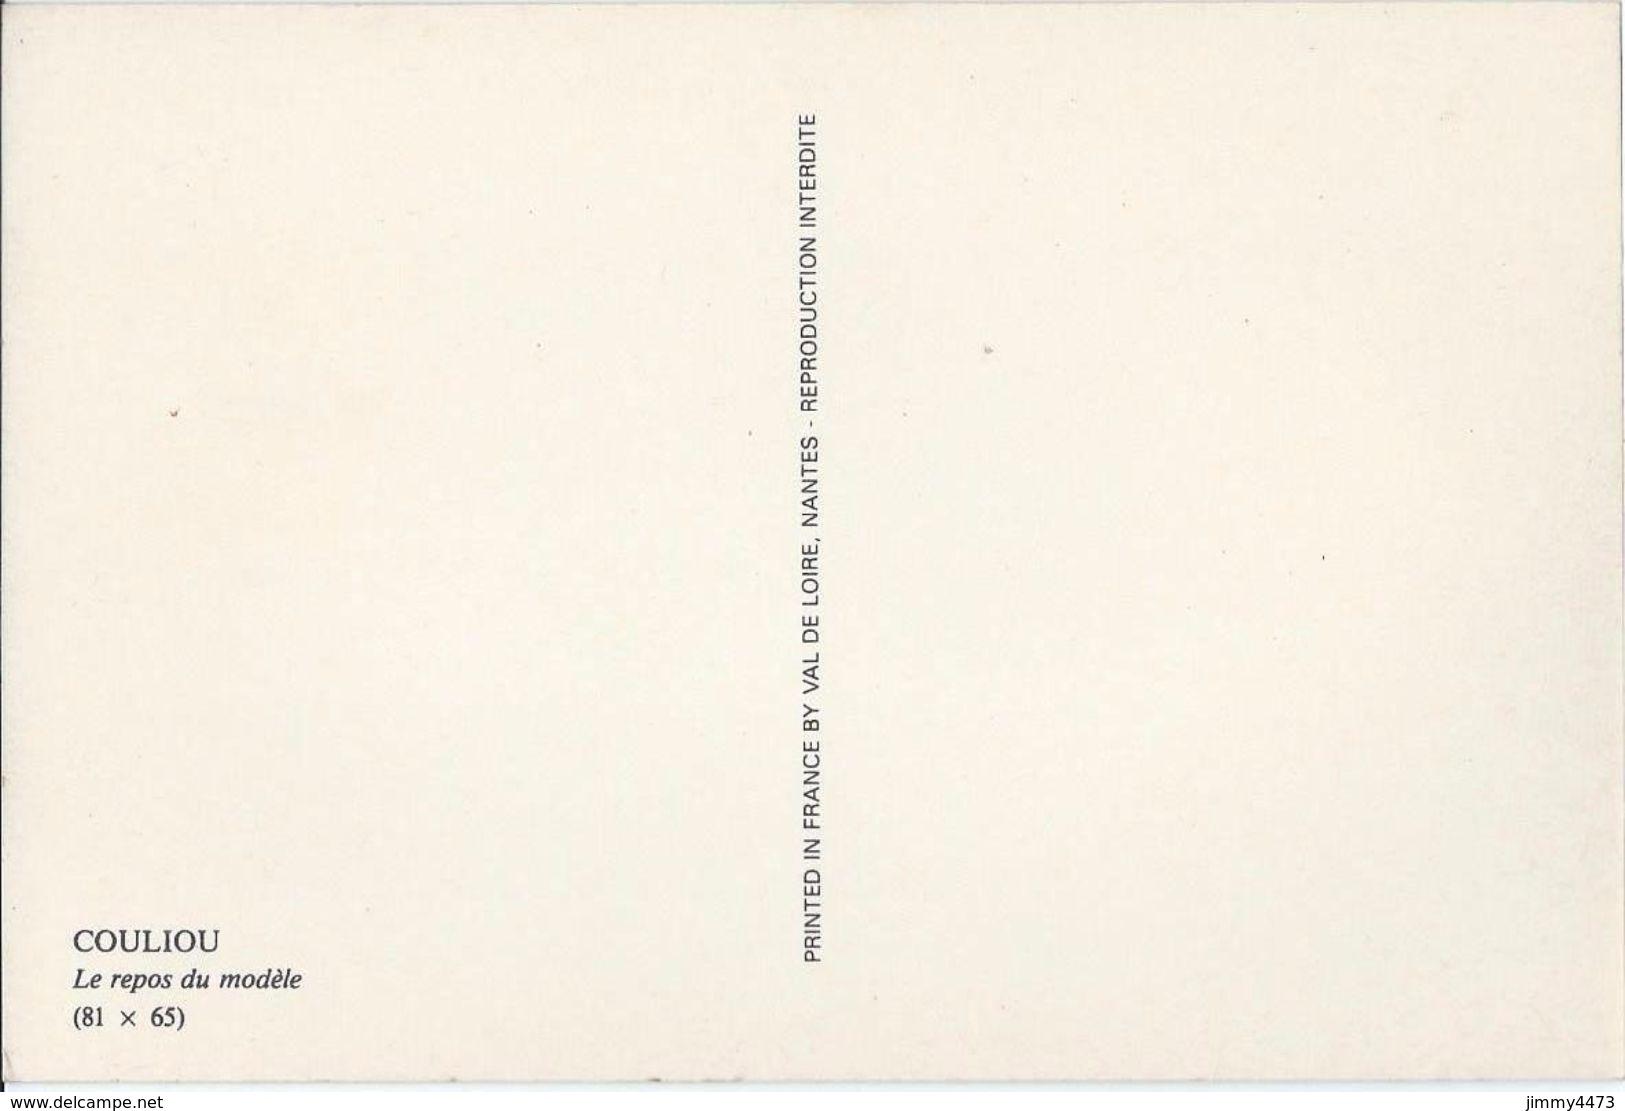 CPM POST CARD - Le Repos Du Modèle - UNE JEUNE FEMME NUE  - Scans Recto-Verso - Photo COULIOU - Romantiques < 1960